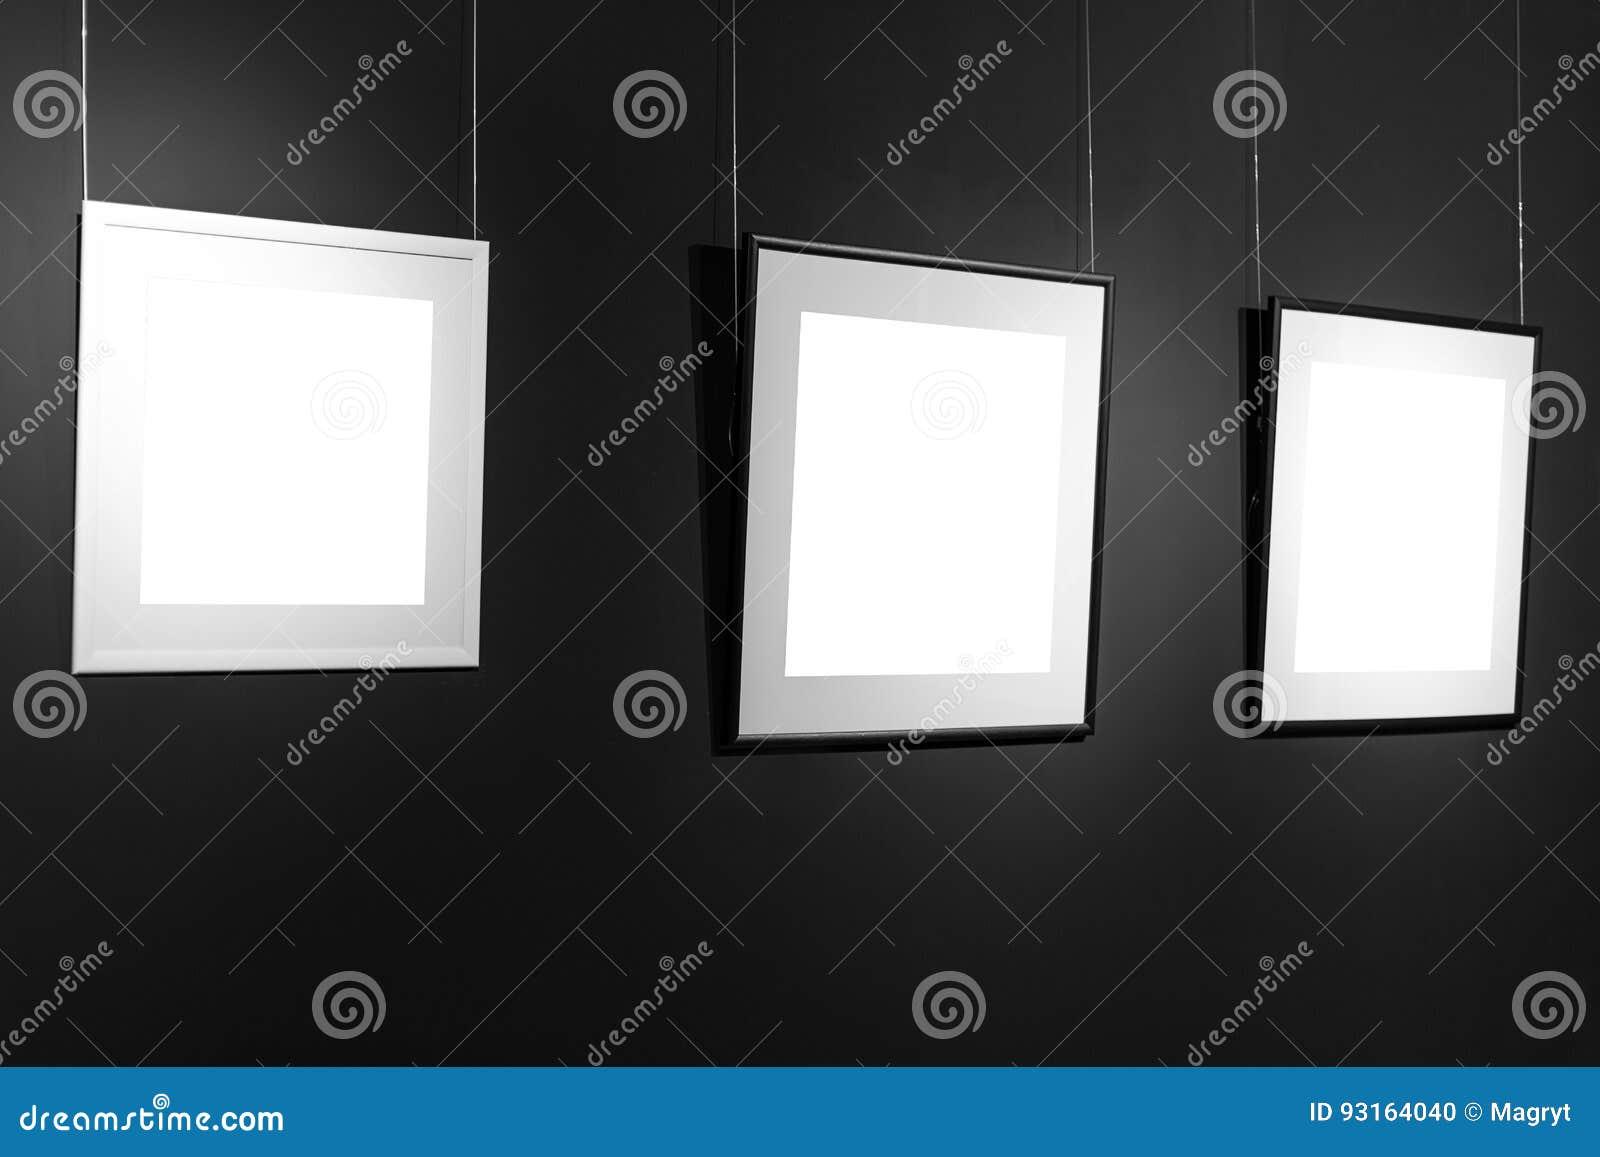 Tres Marcos Vacíos En La Pared Negra Carteles Del Espacio En Blanco ...